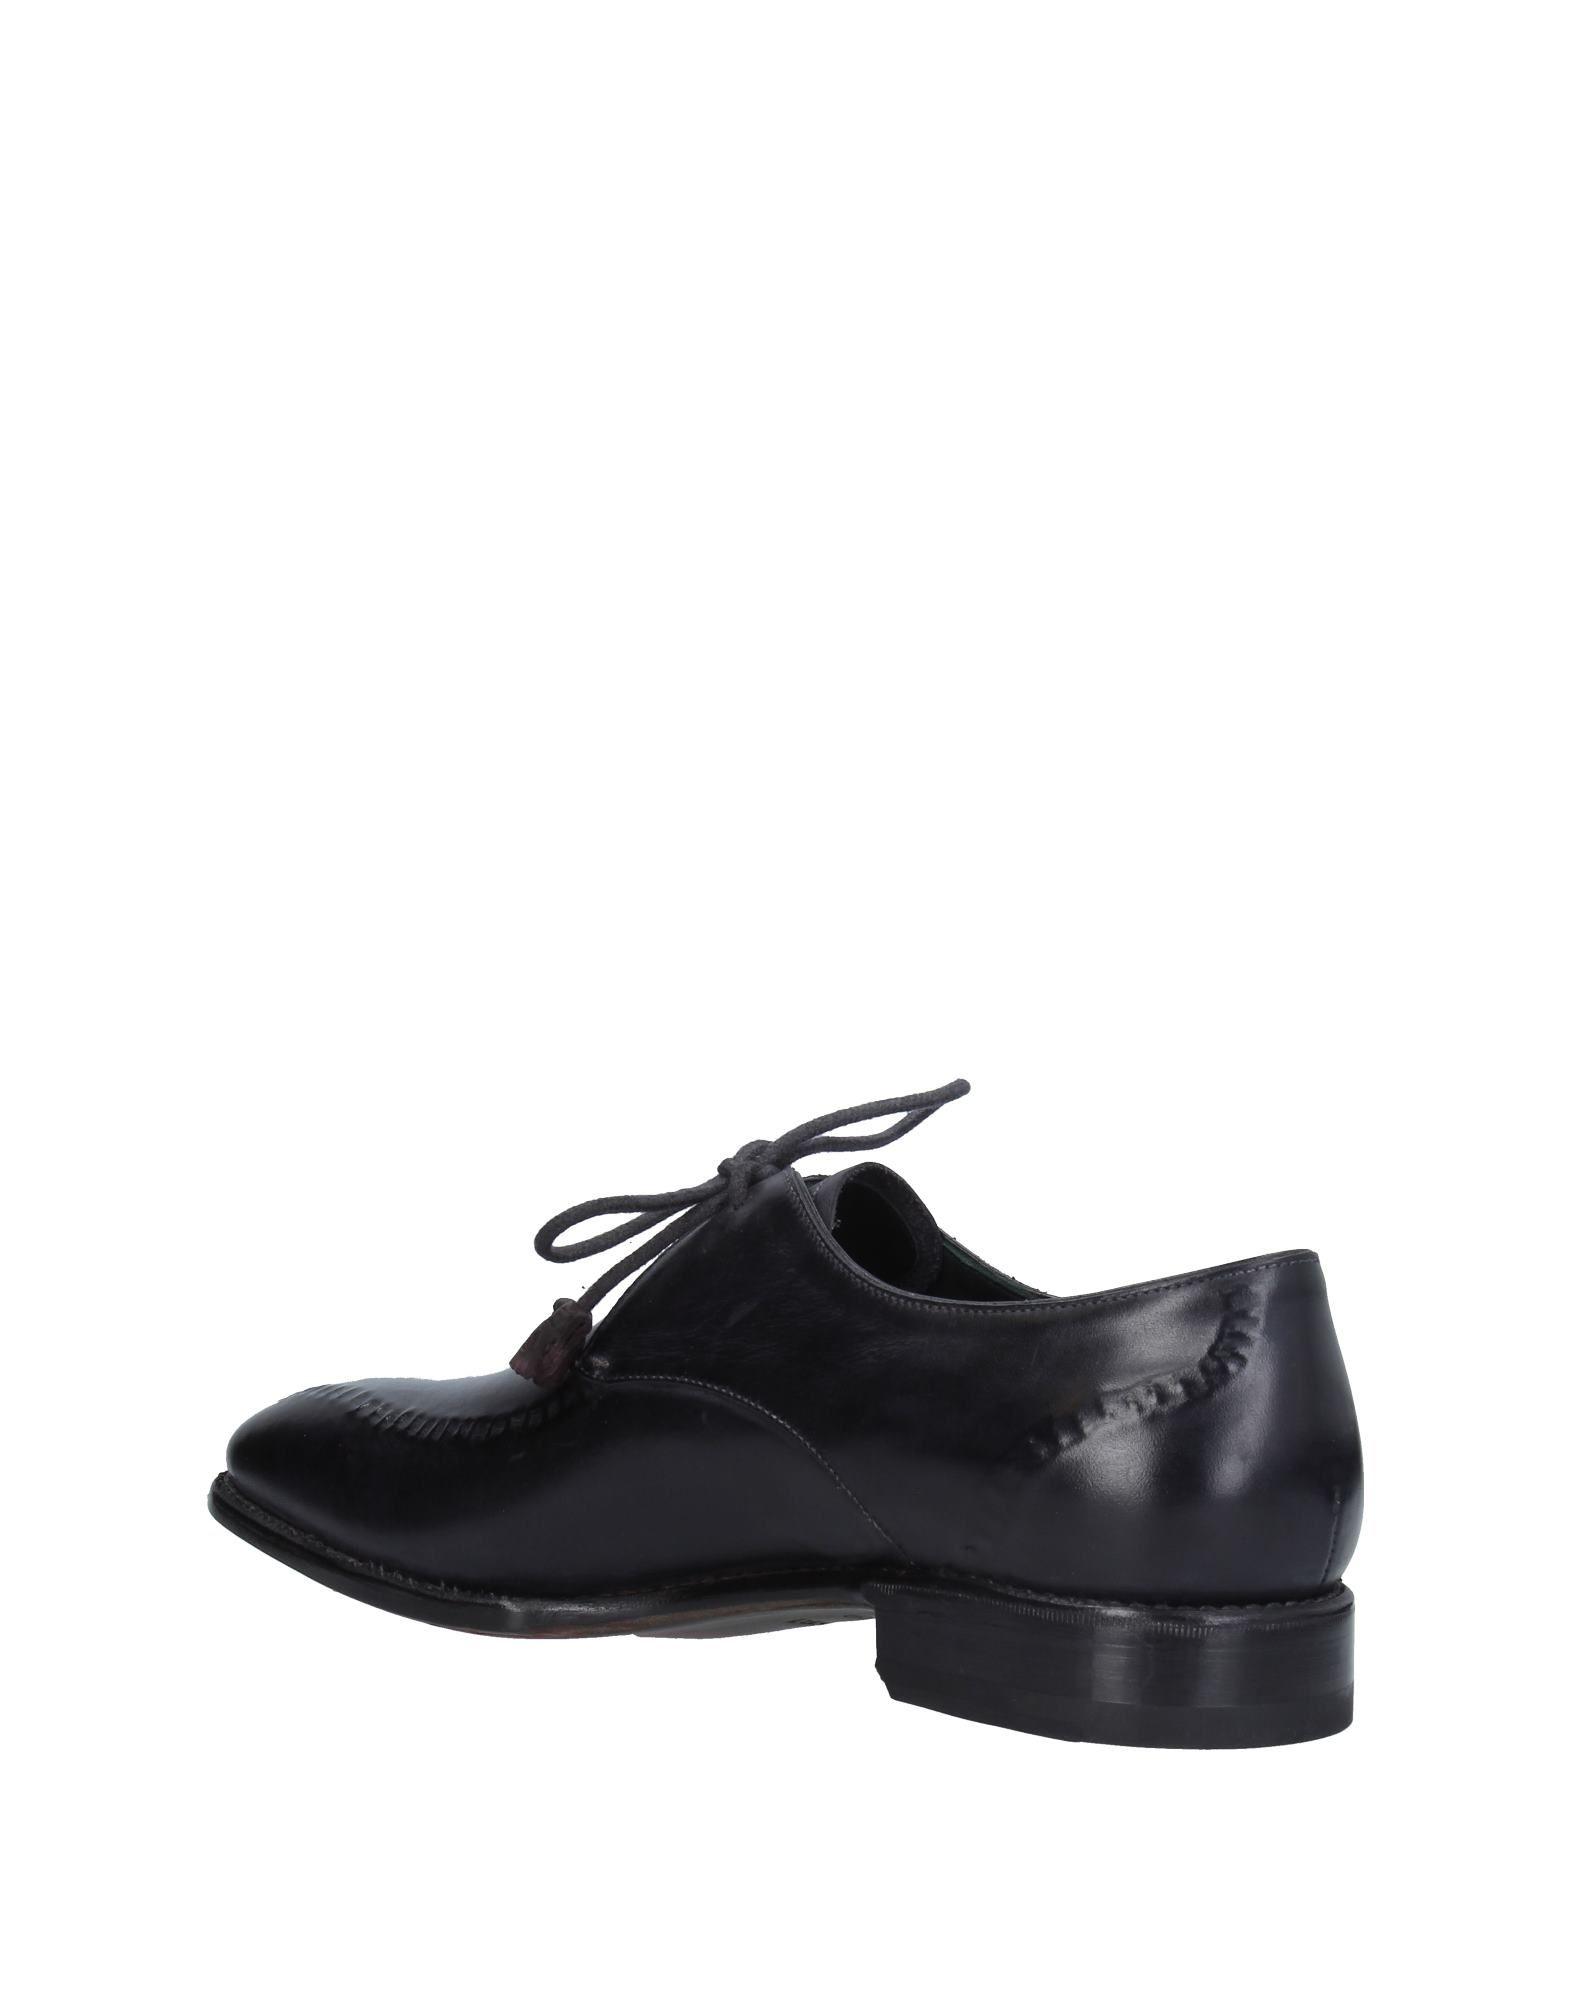 pour Homme Fila Vulc 13Mid Plus 2Walking-Shoes RUBBER DAN Sneakers & Tennis montantes homme. ZENOBI Chaussures à lacets homme. Emporio Armani Mocassins Homme. ZENOBI Chaussures à lacets homme. Chaussures Adidas Ultra boost Uncaged noires homme zqi2bfvFw